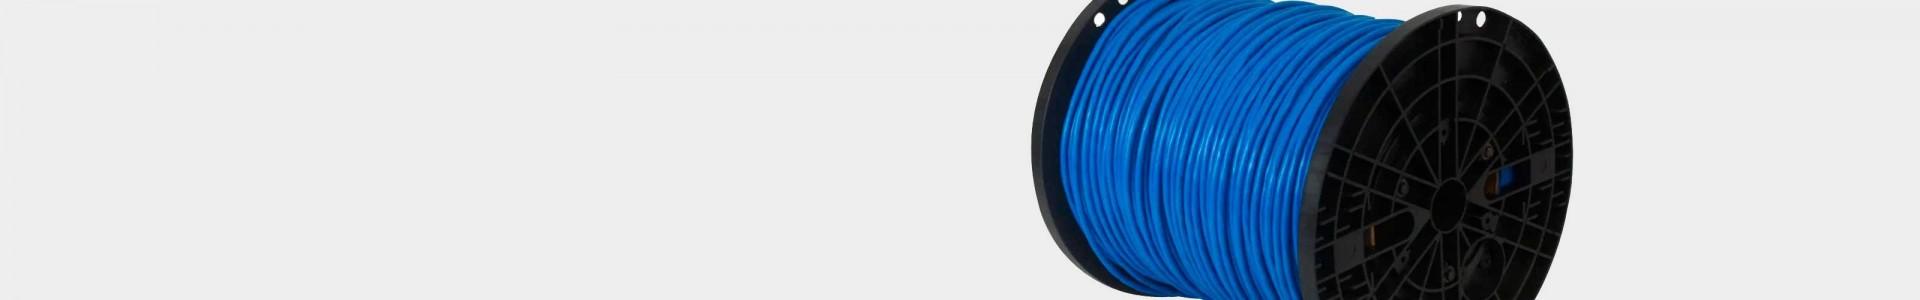 Cables de audio línea para instalaciones profesionales - Avacab